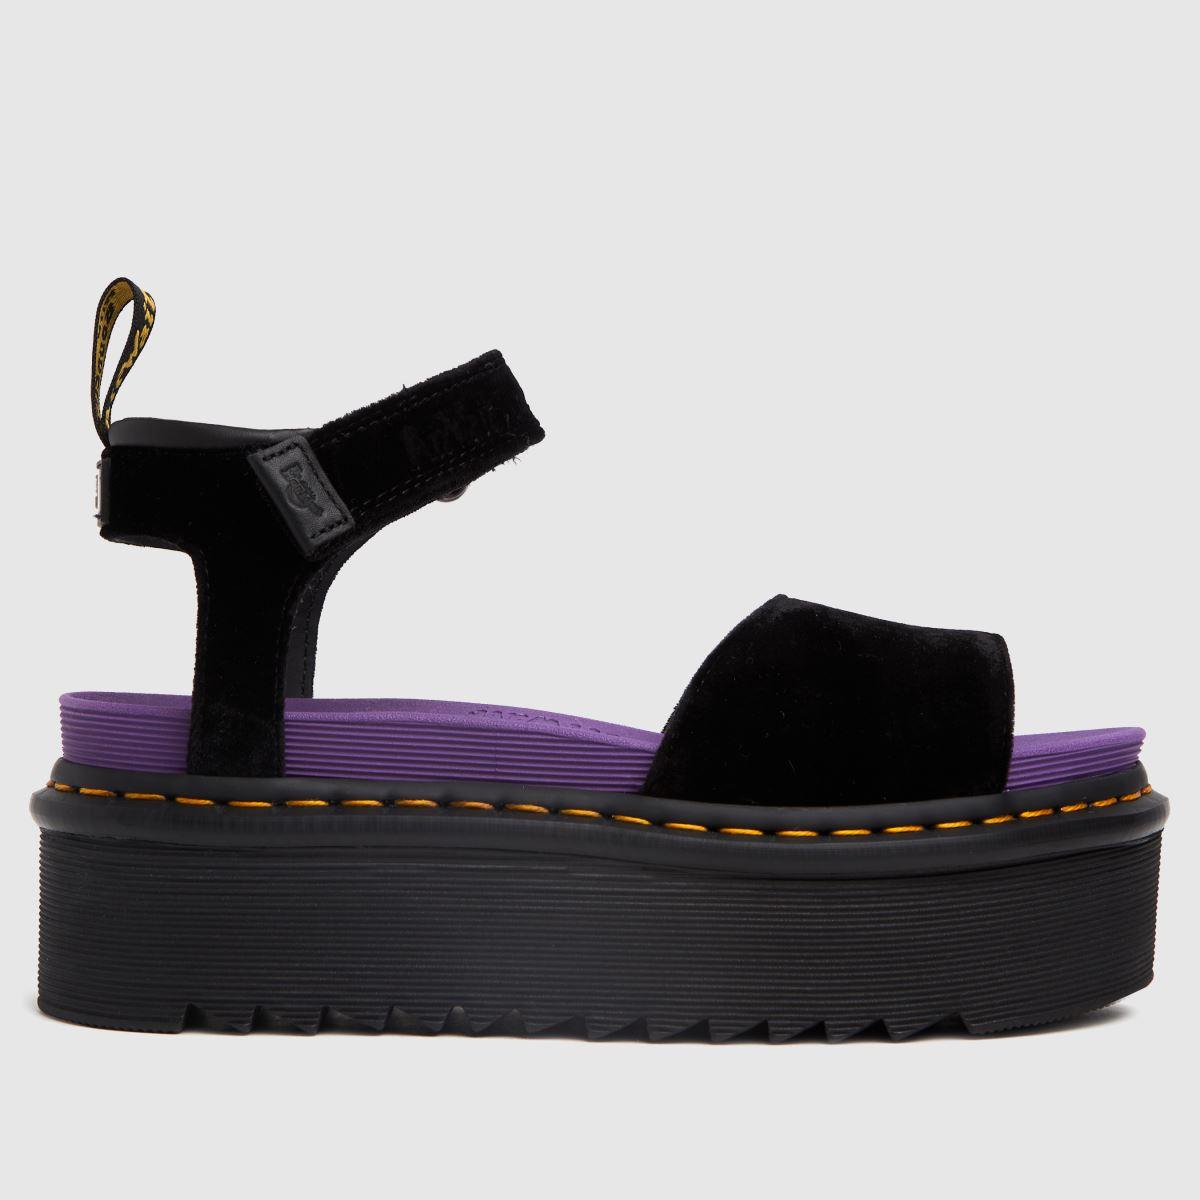 Dr Martens Black Zebrillus Sandal X-girl Sandals